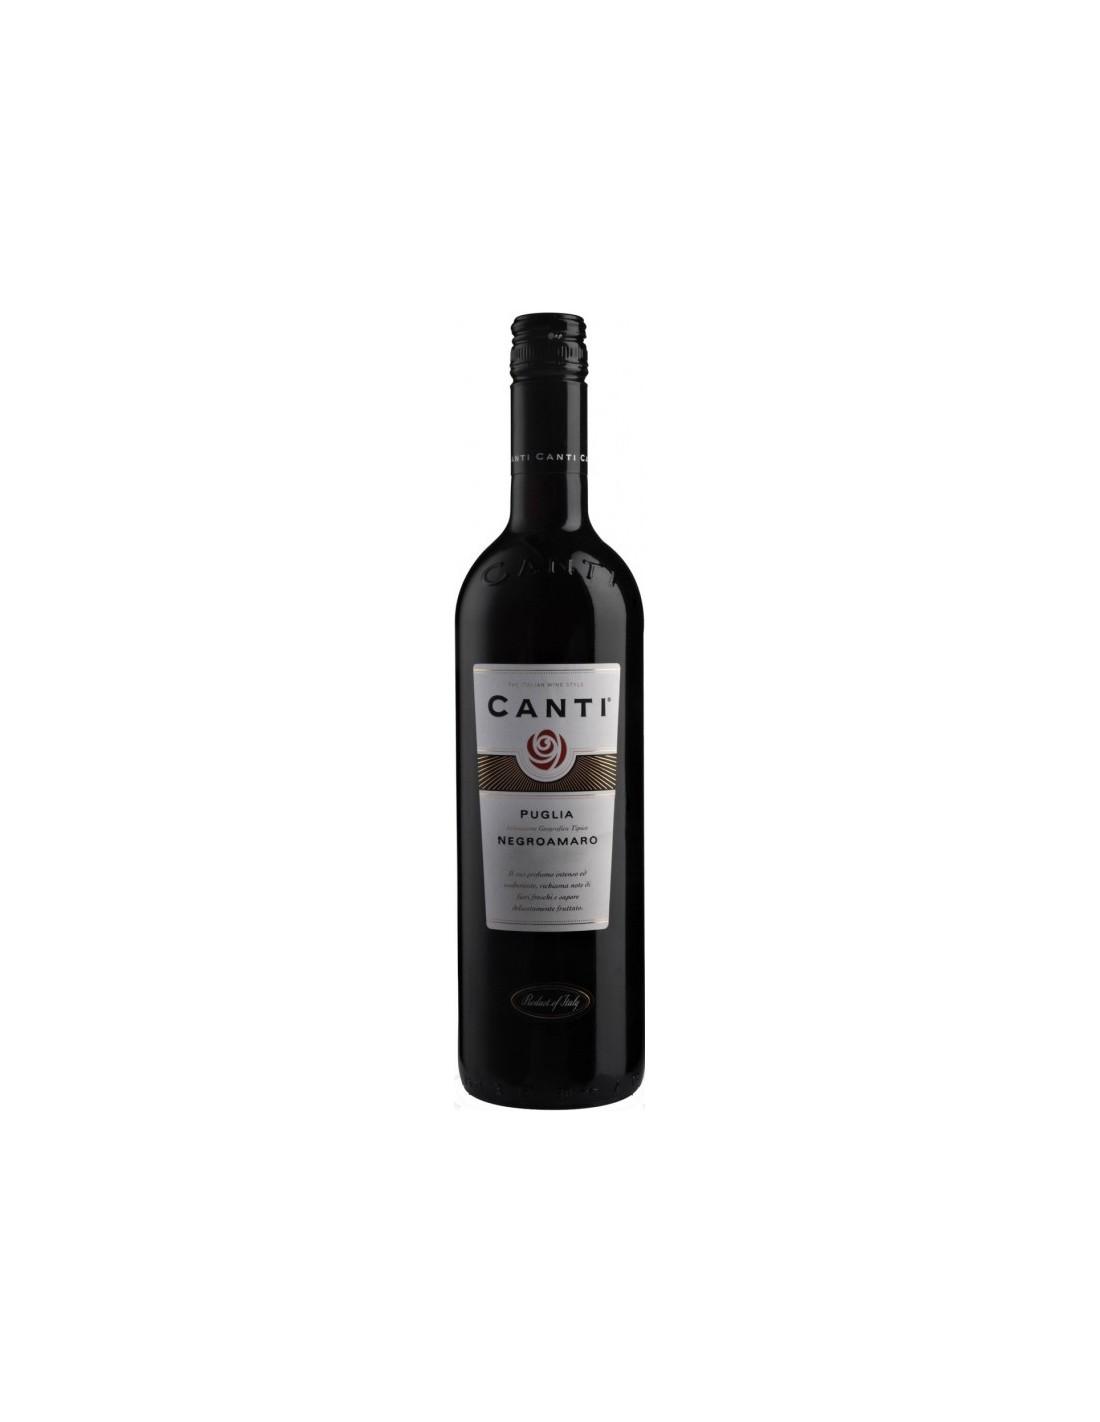 Vin rosu, Negroamaro, Canti Puglia, 0.75L, Italia